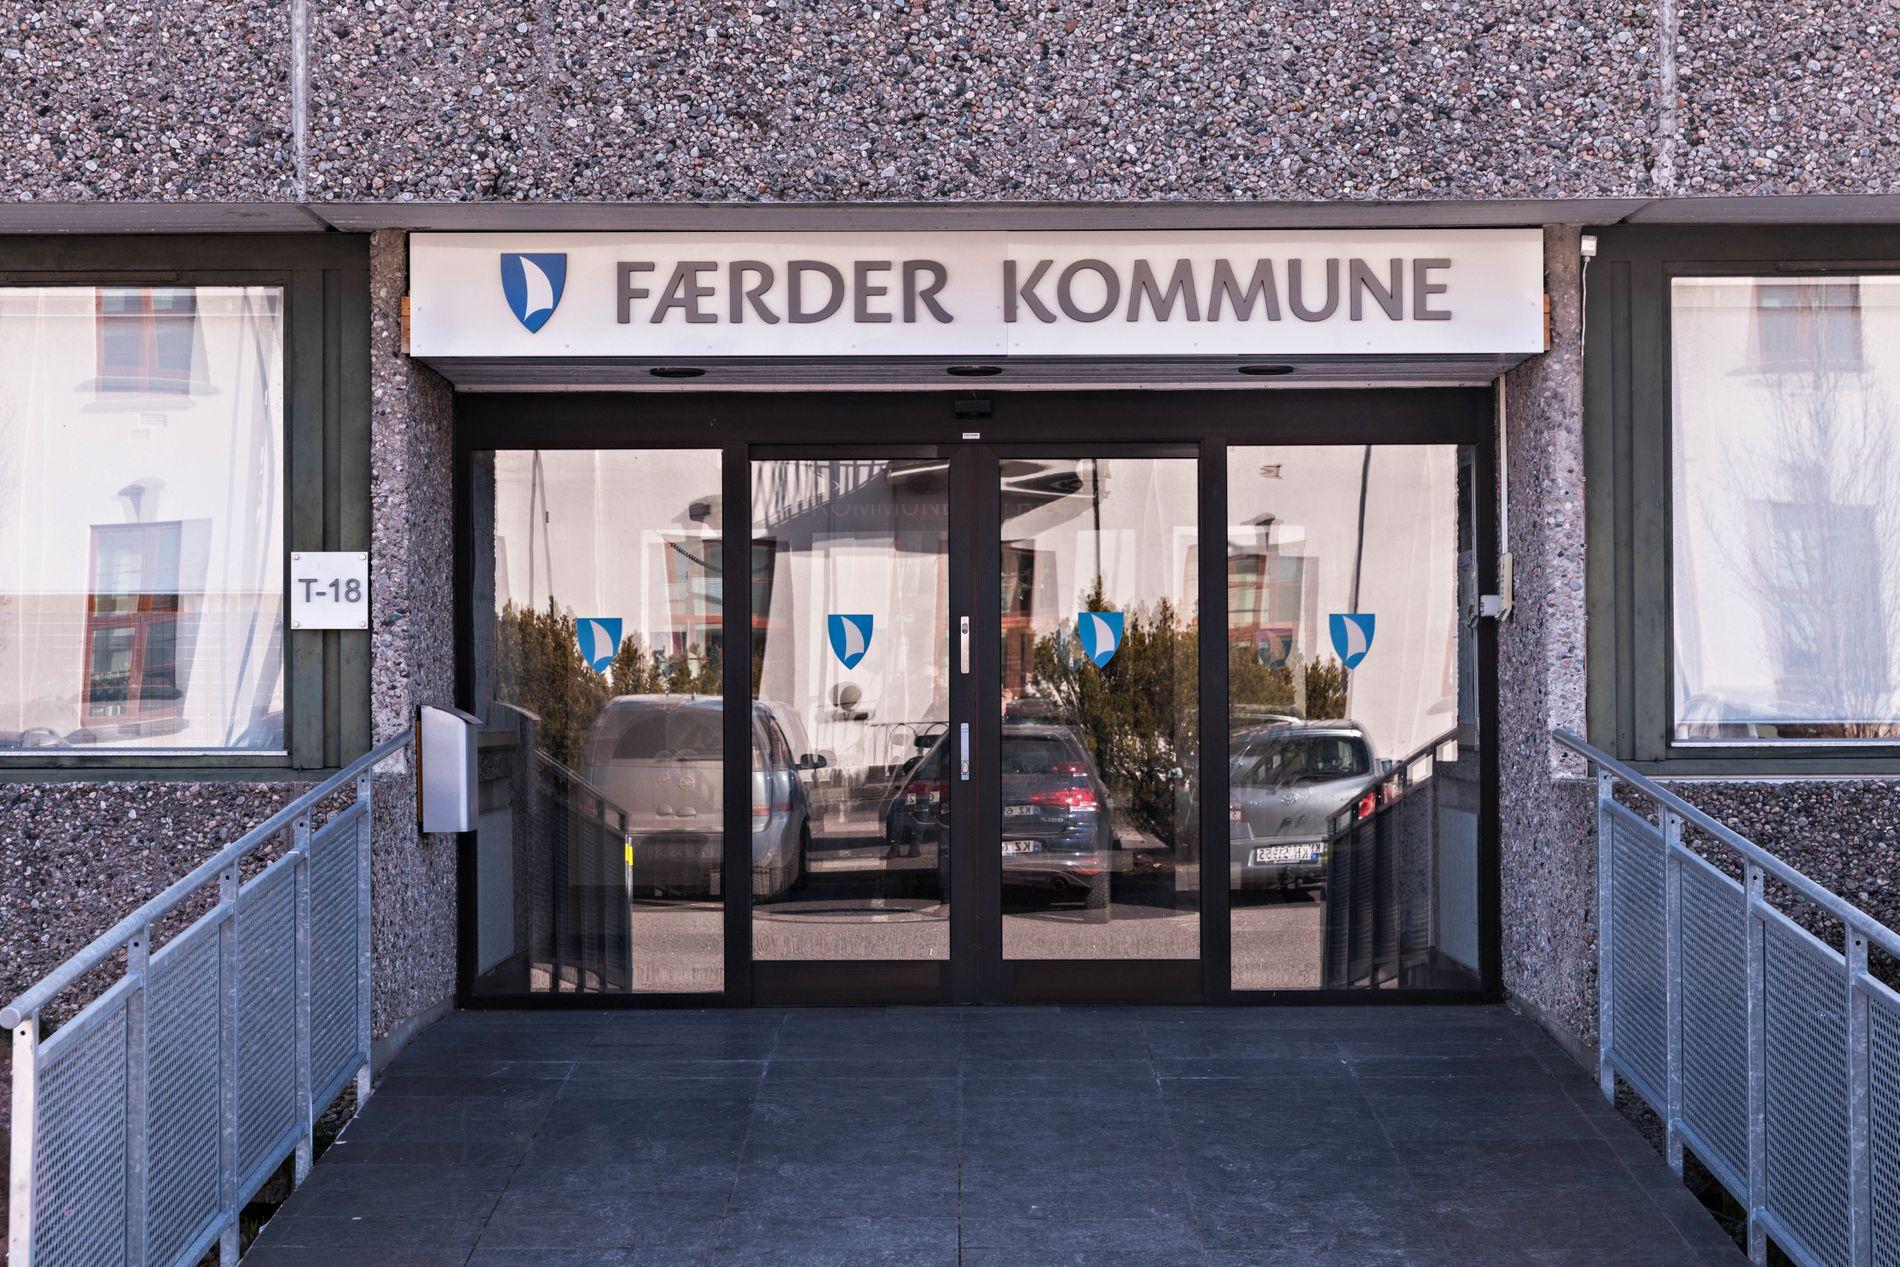 DØDE: En mann i 50-årene døde etter å ha blitt badet i for varmt vann ved en omsorgsbolig i Færder kommune.